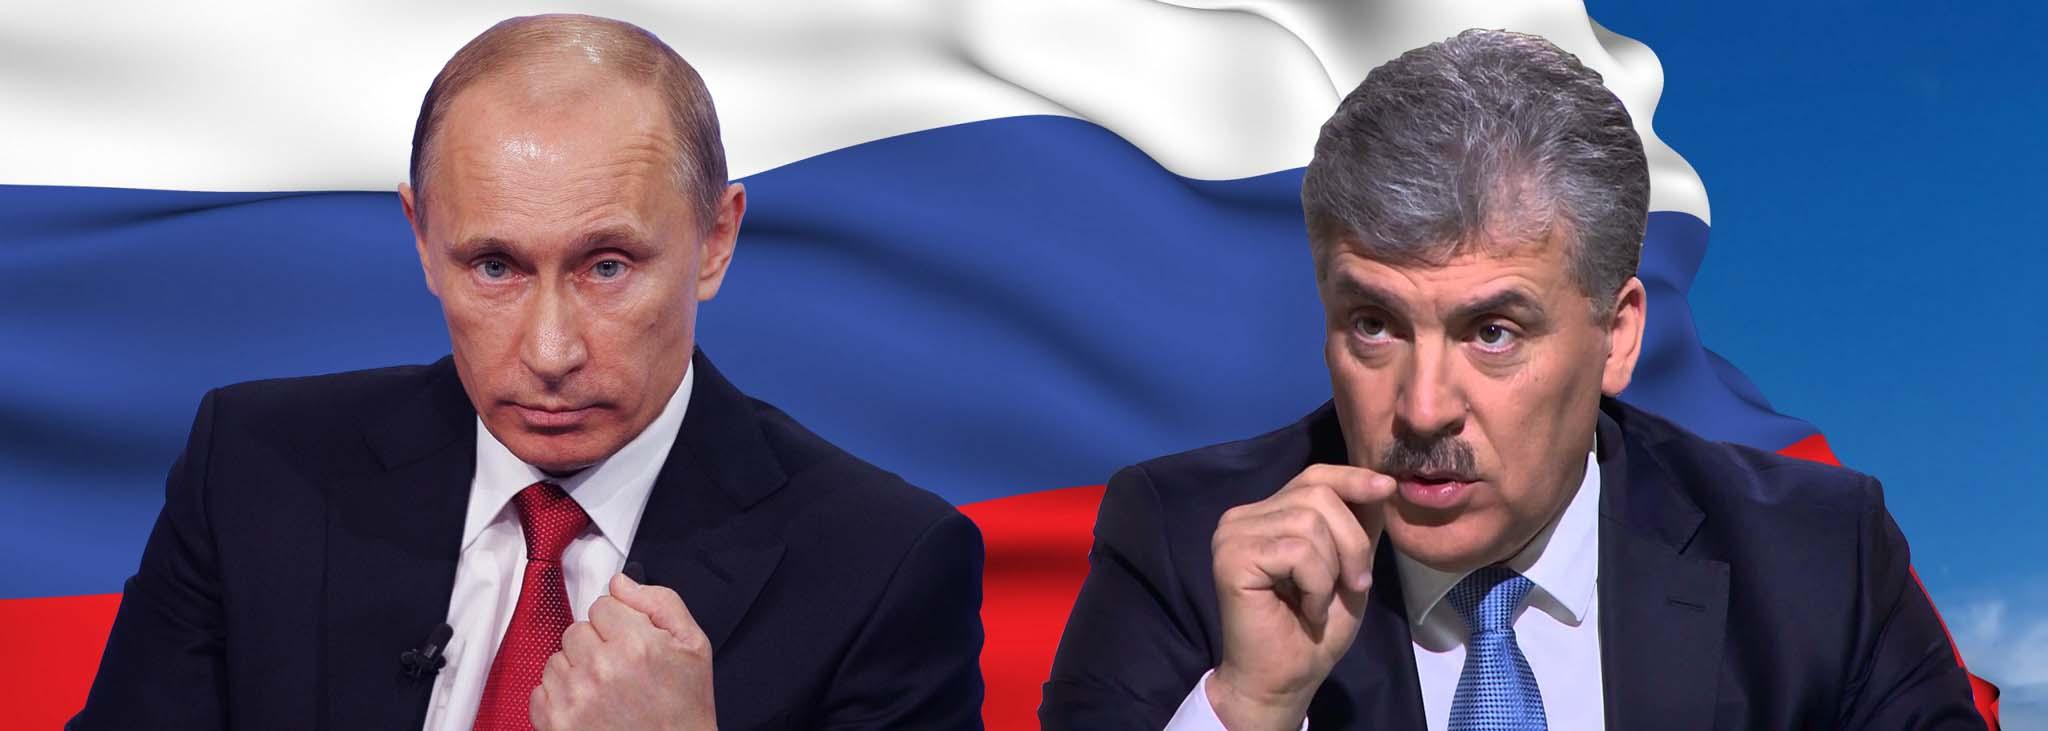 Рейтинг кандидатов в президенты России 2018 - список